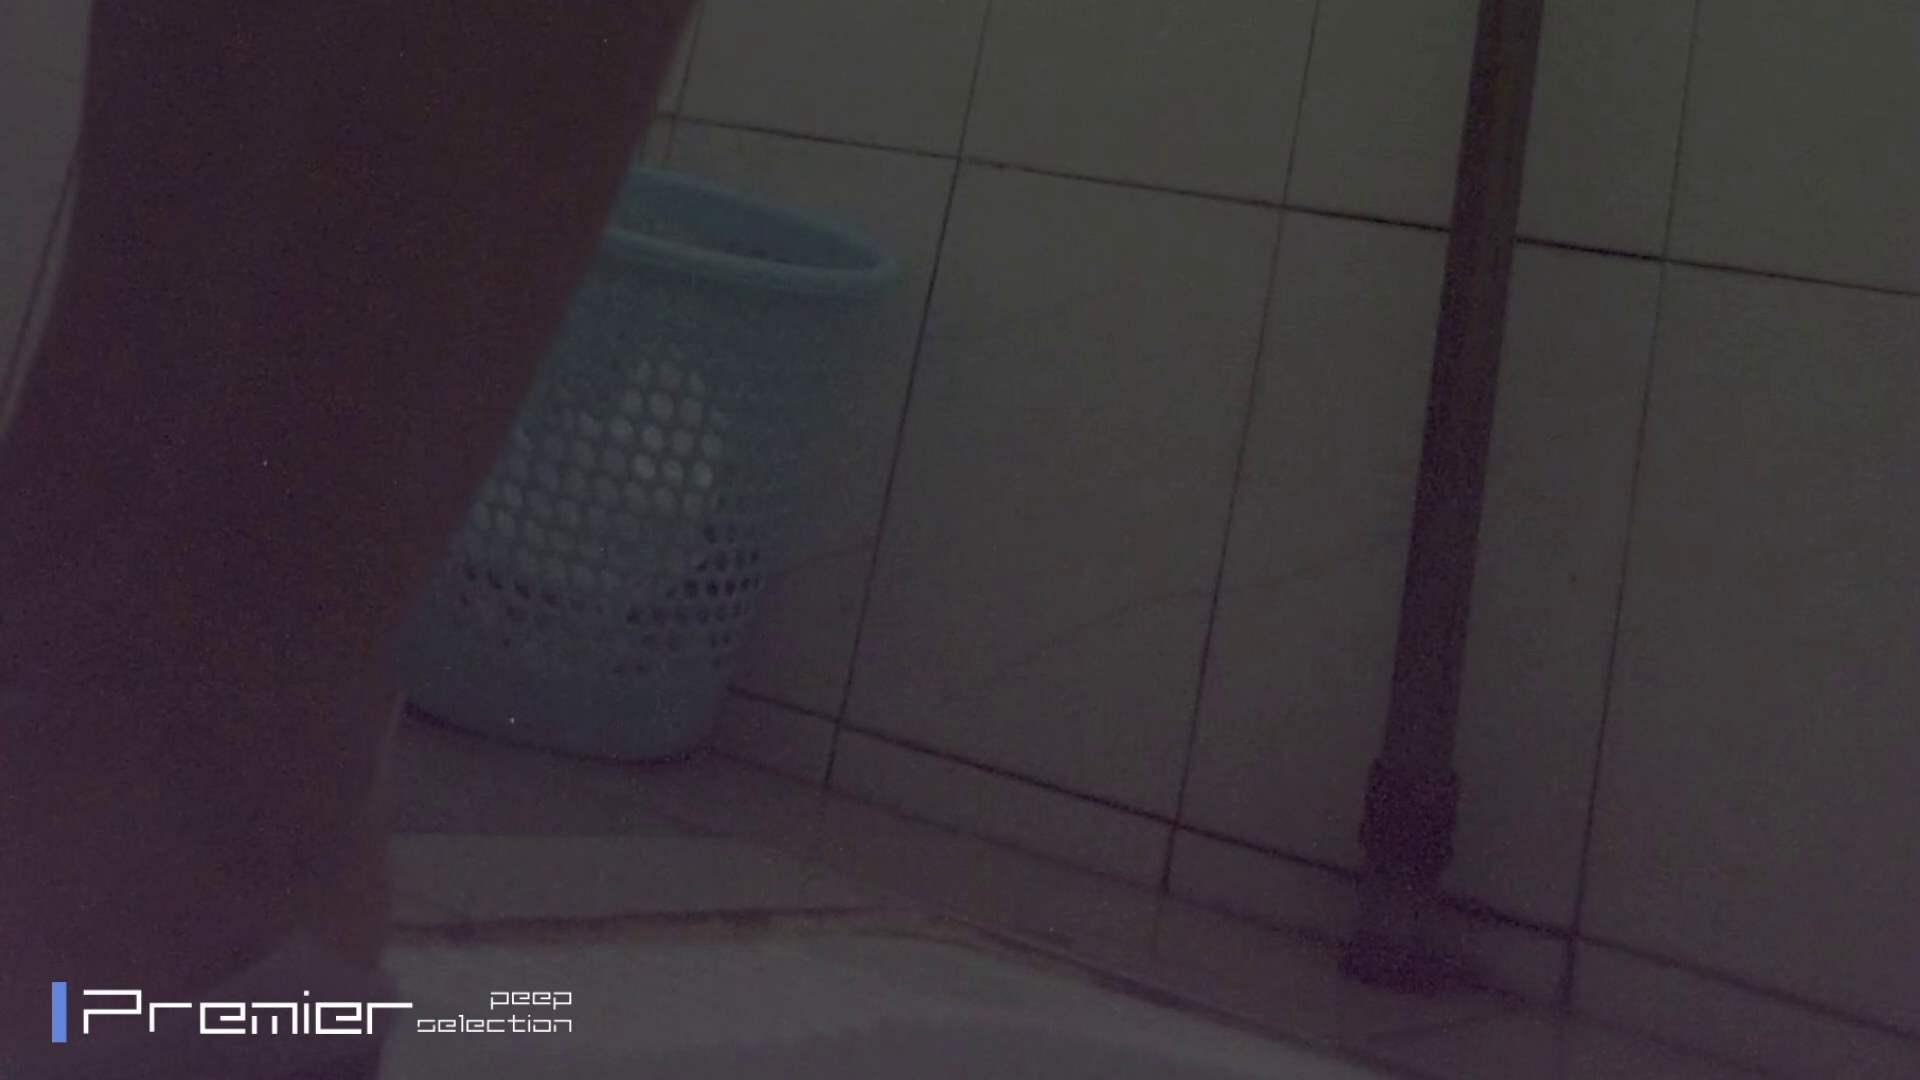 タバコを吸う強気の女 トイレシーンを密着盗撮!! 美女の痴態に密着!Vol.32 パンチラ ワレメ無修正動画無料 66PIX 30